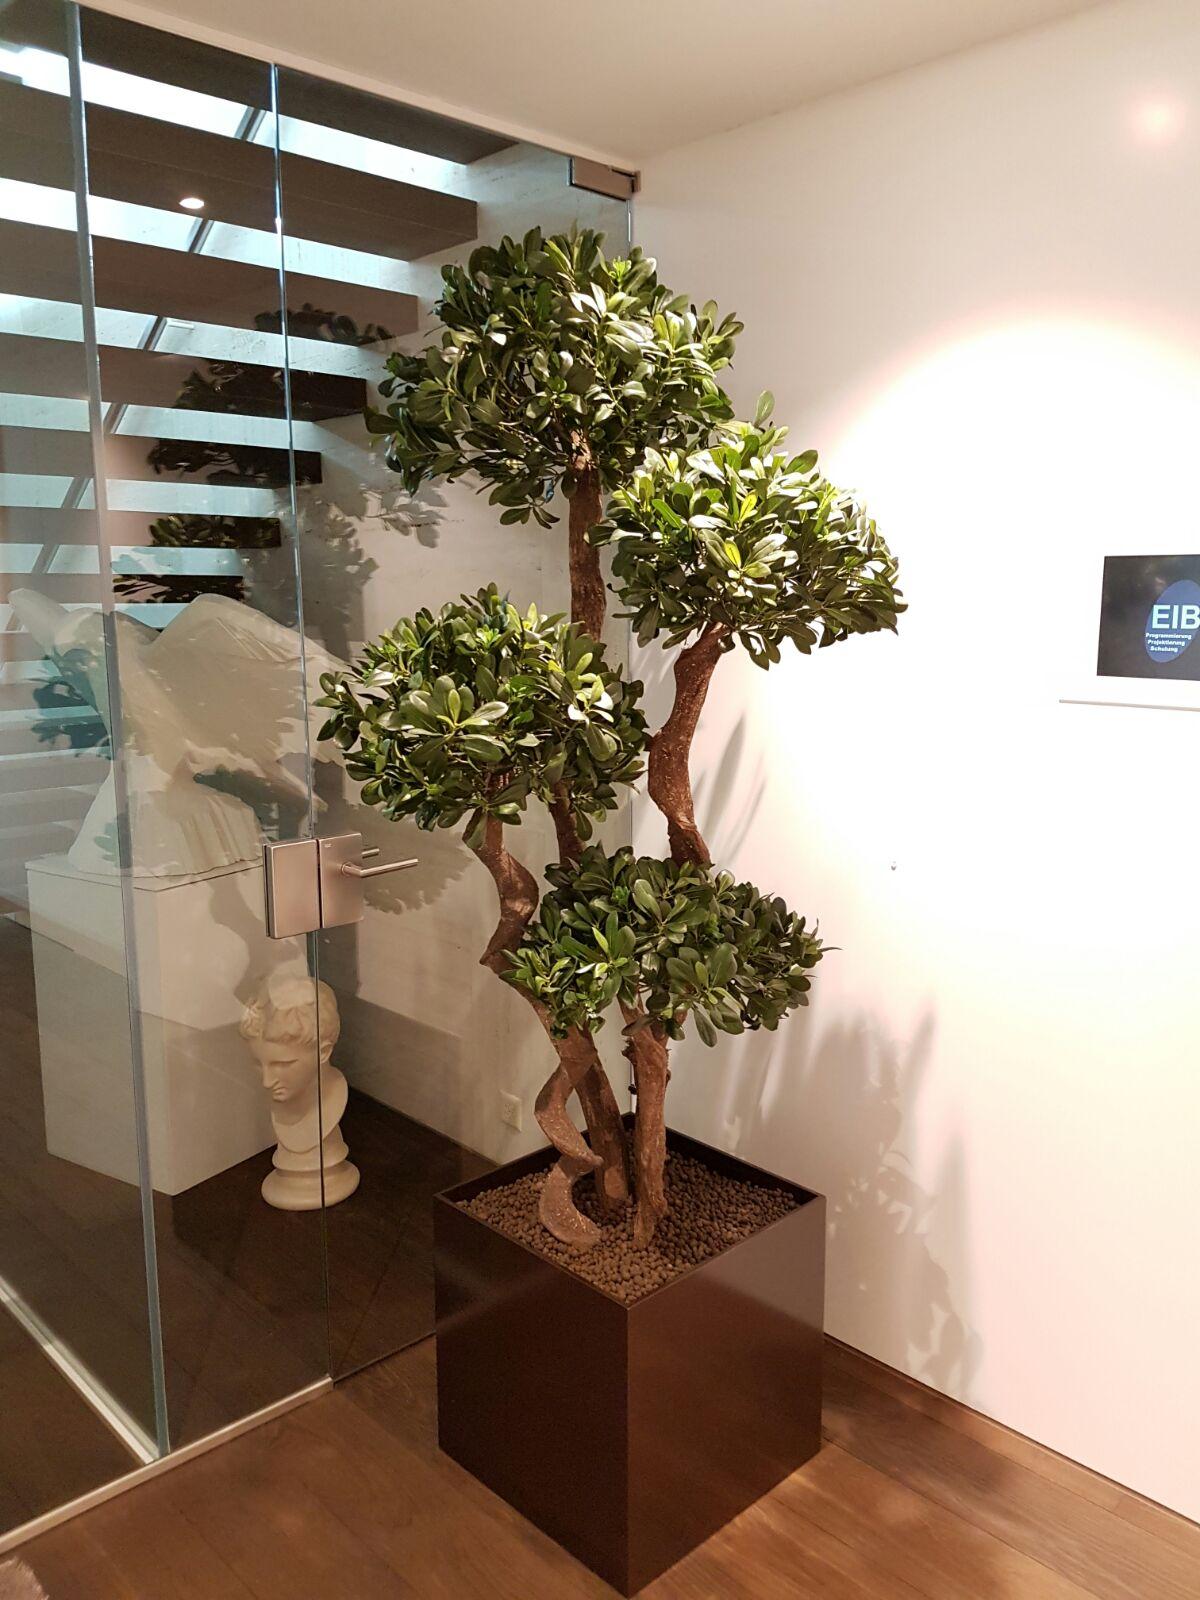 Hochwertiger Pittosporum Kunstbaum Bonsai als Innendekoration in einem Haus.